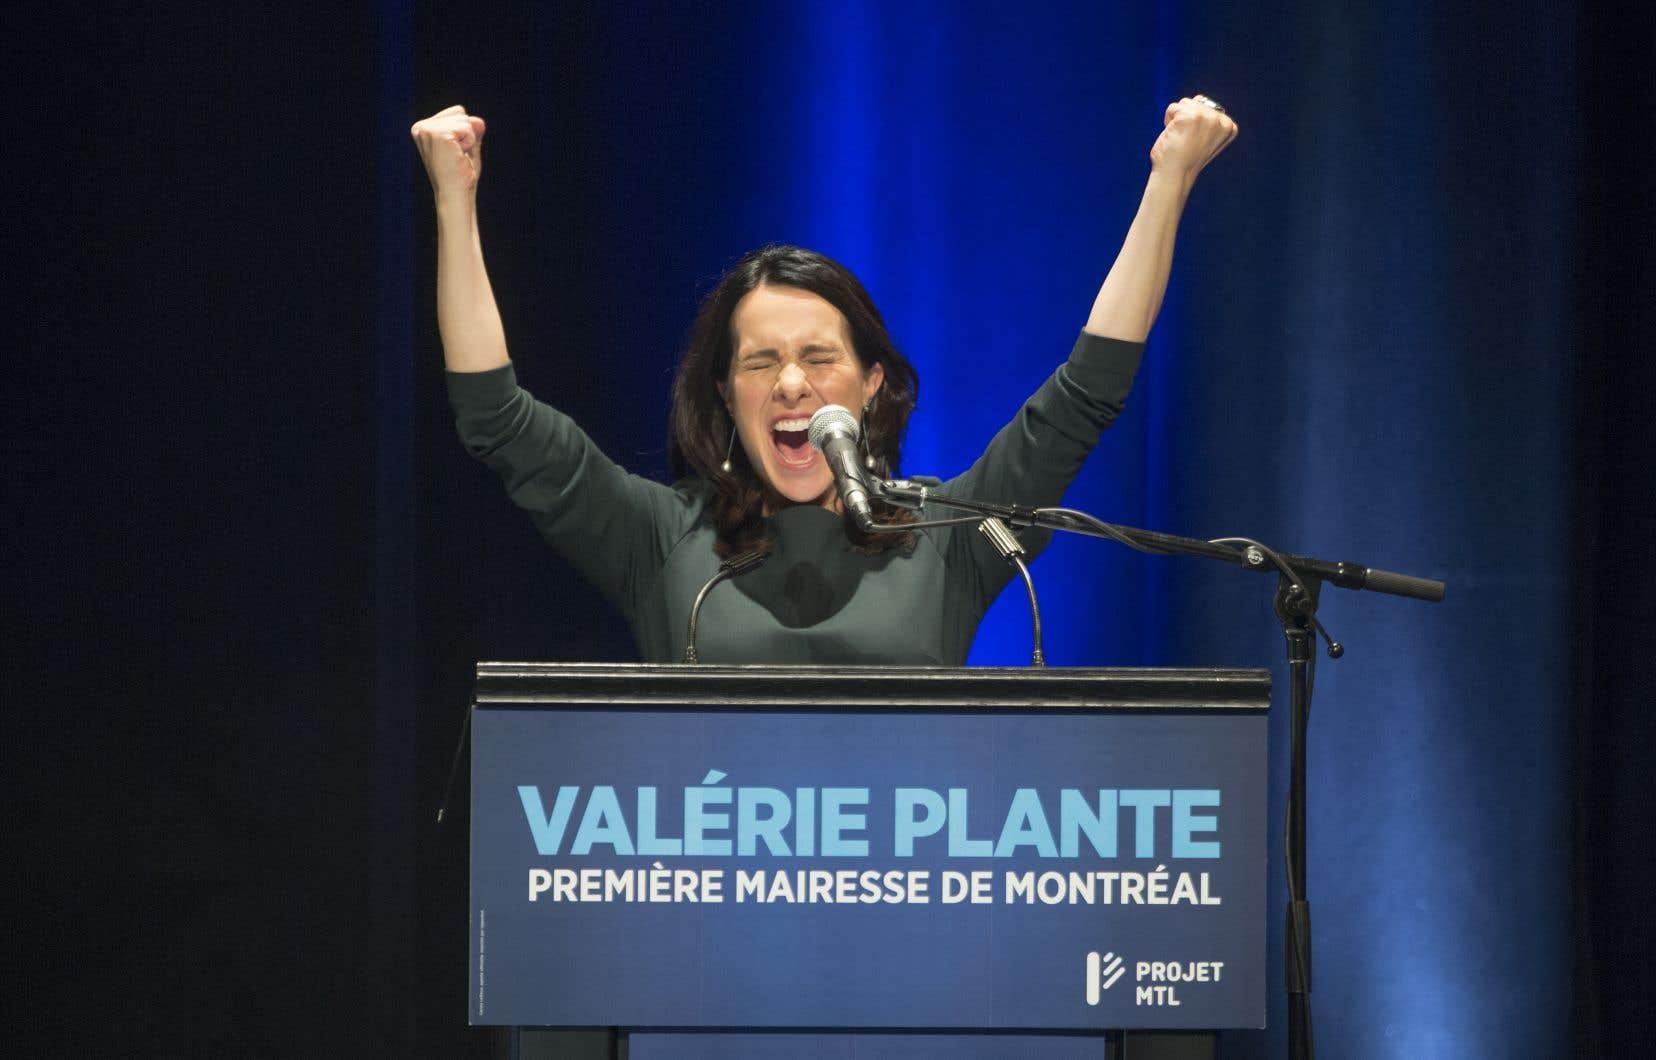 Inconnue du grand public il y a tout juste six mois, Valérie Plante a réussi à capter l'attention des Montréalais.